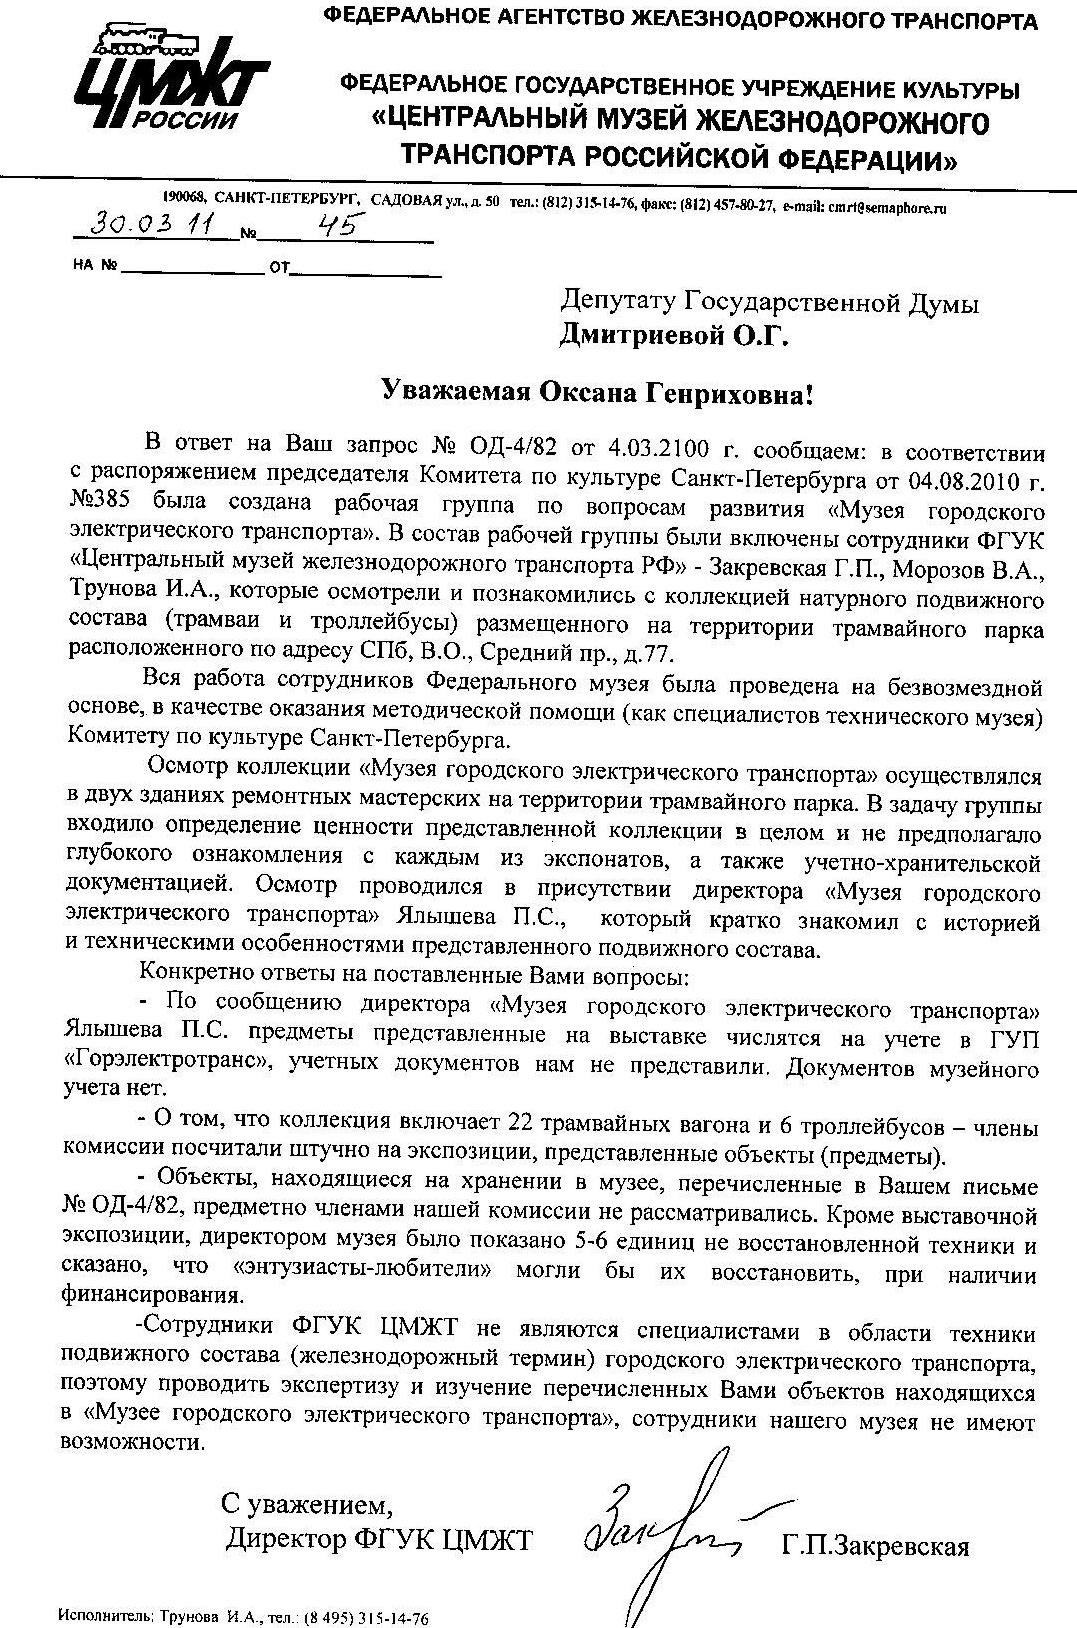 Ответ ЦМЖТ о заключении комиссии по экспонатам музея